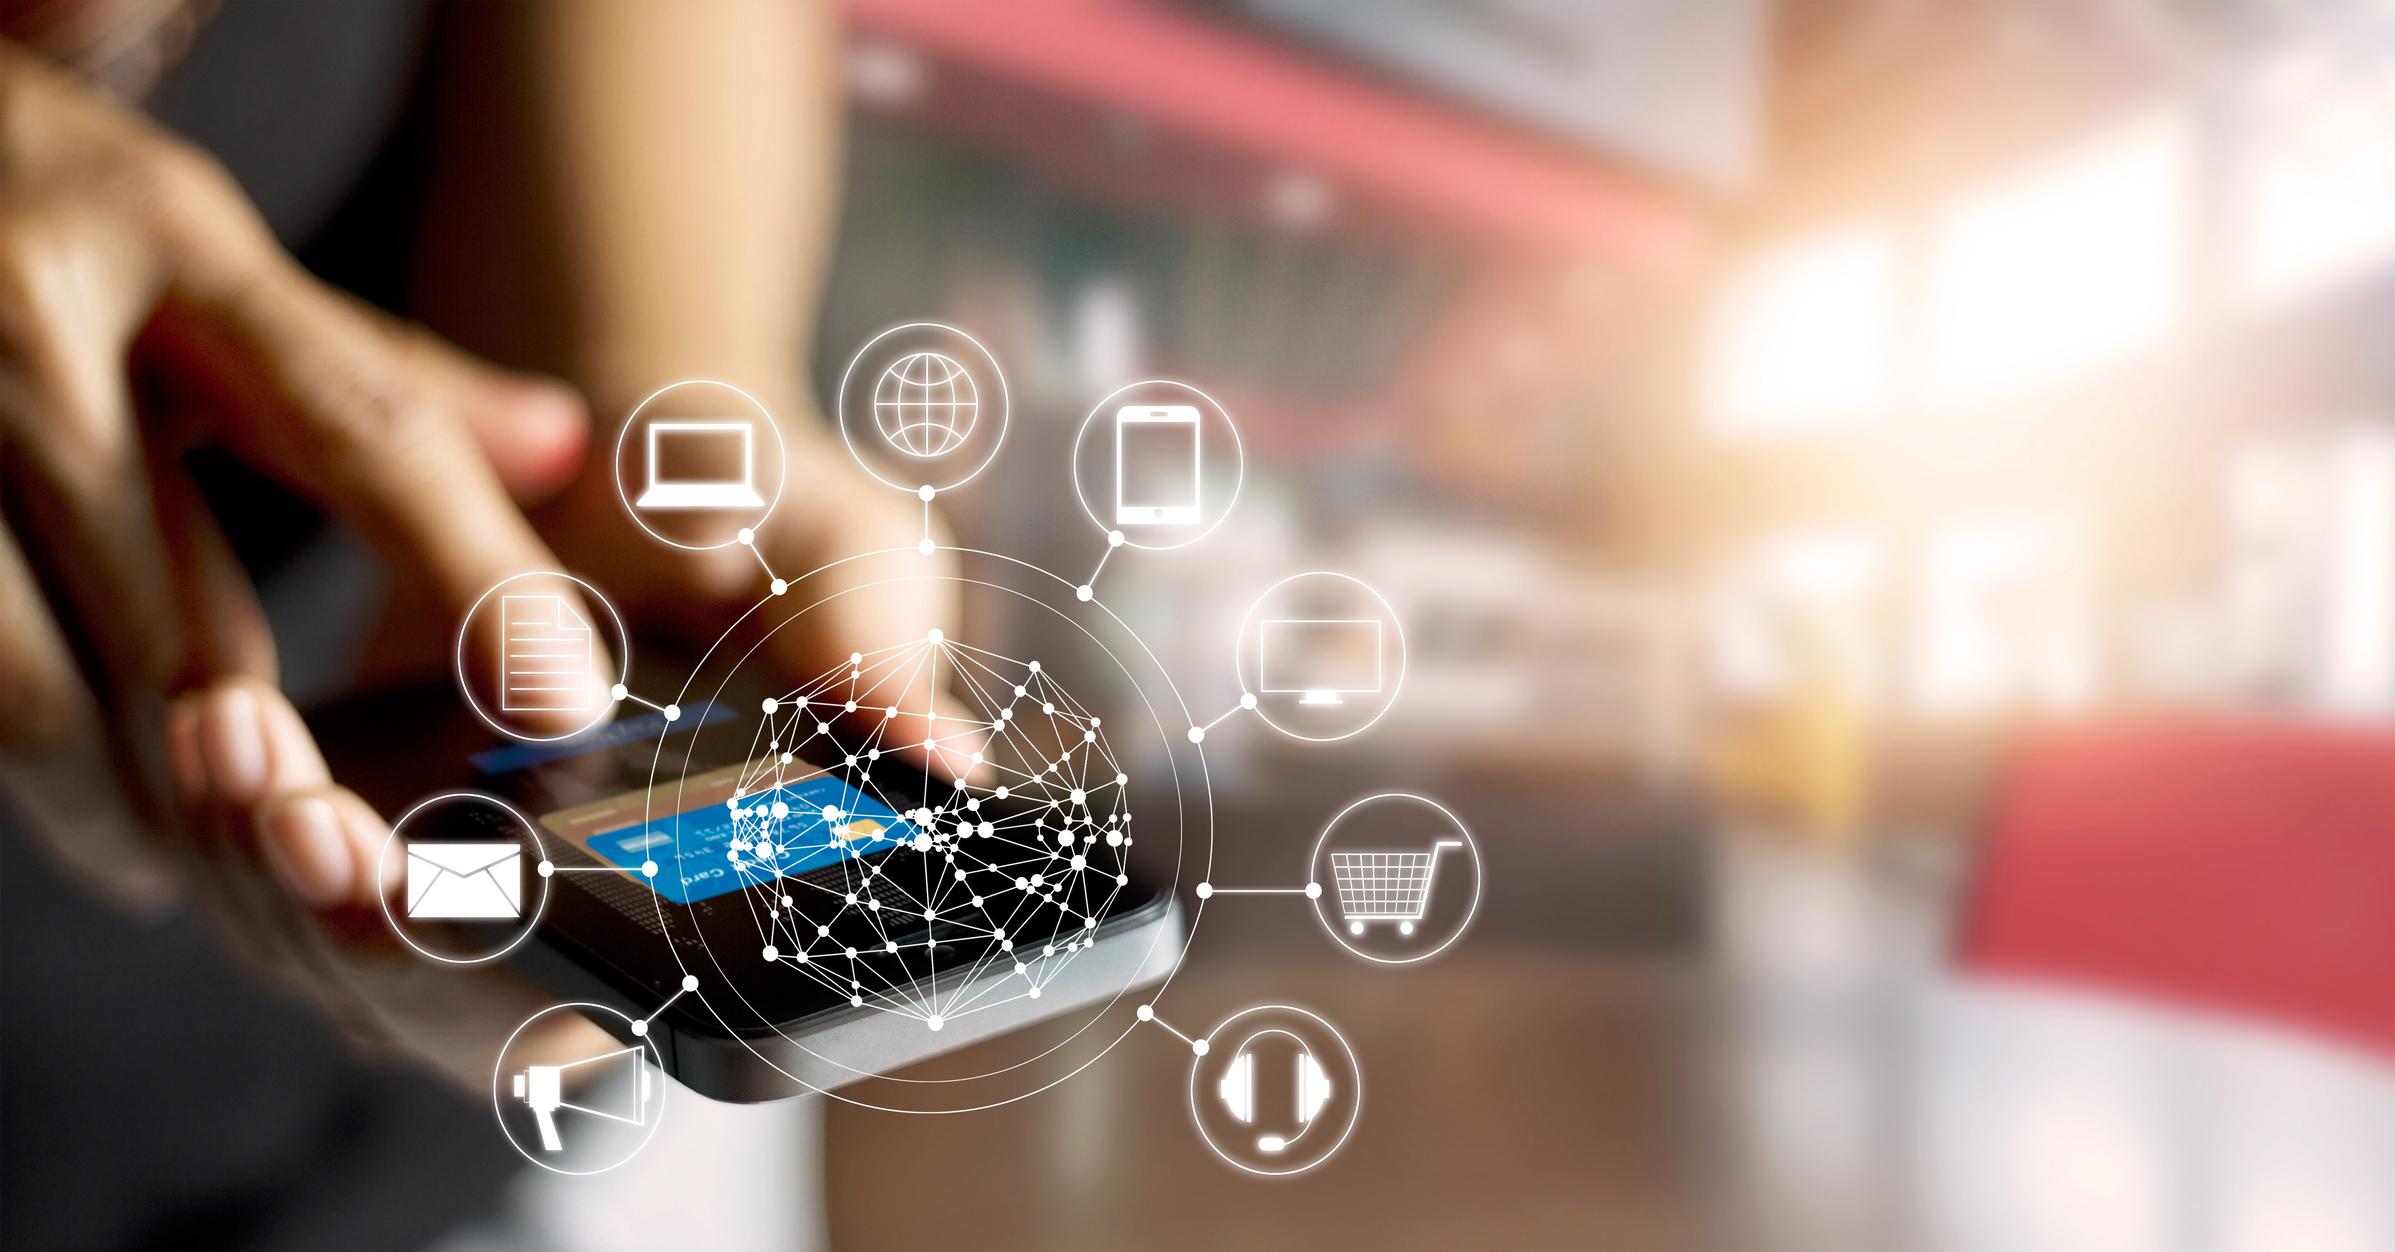 El big data i la intel·ligència artificial en la nova economia de la informació